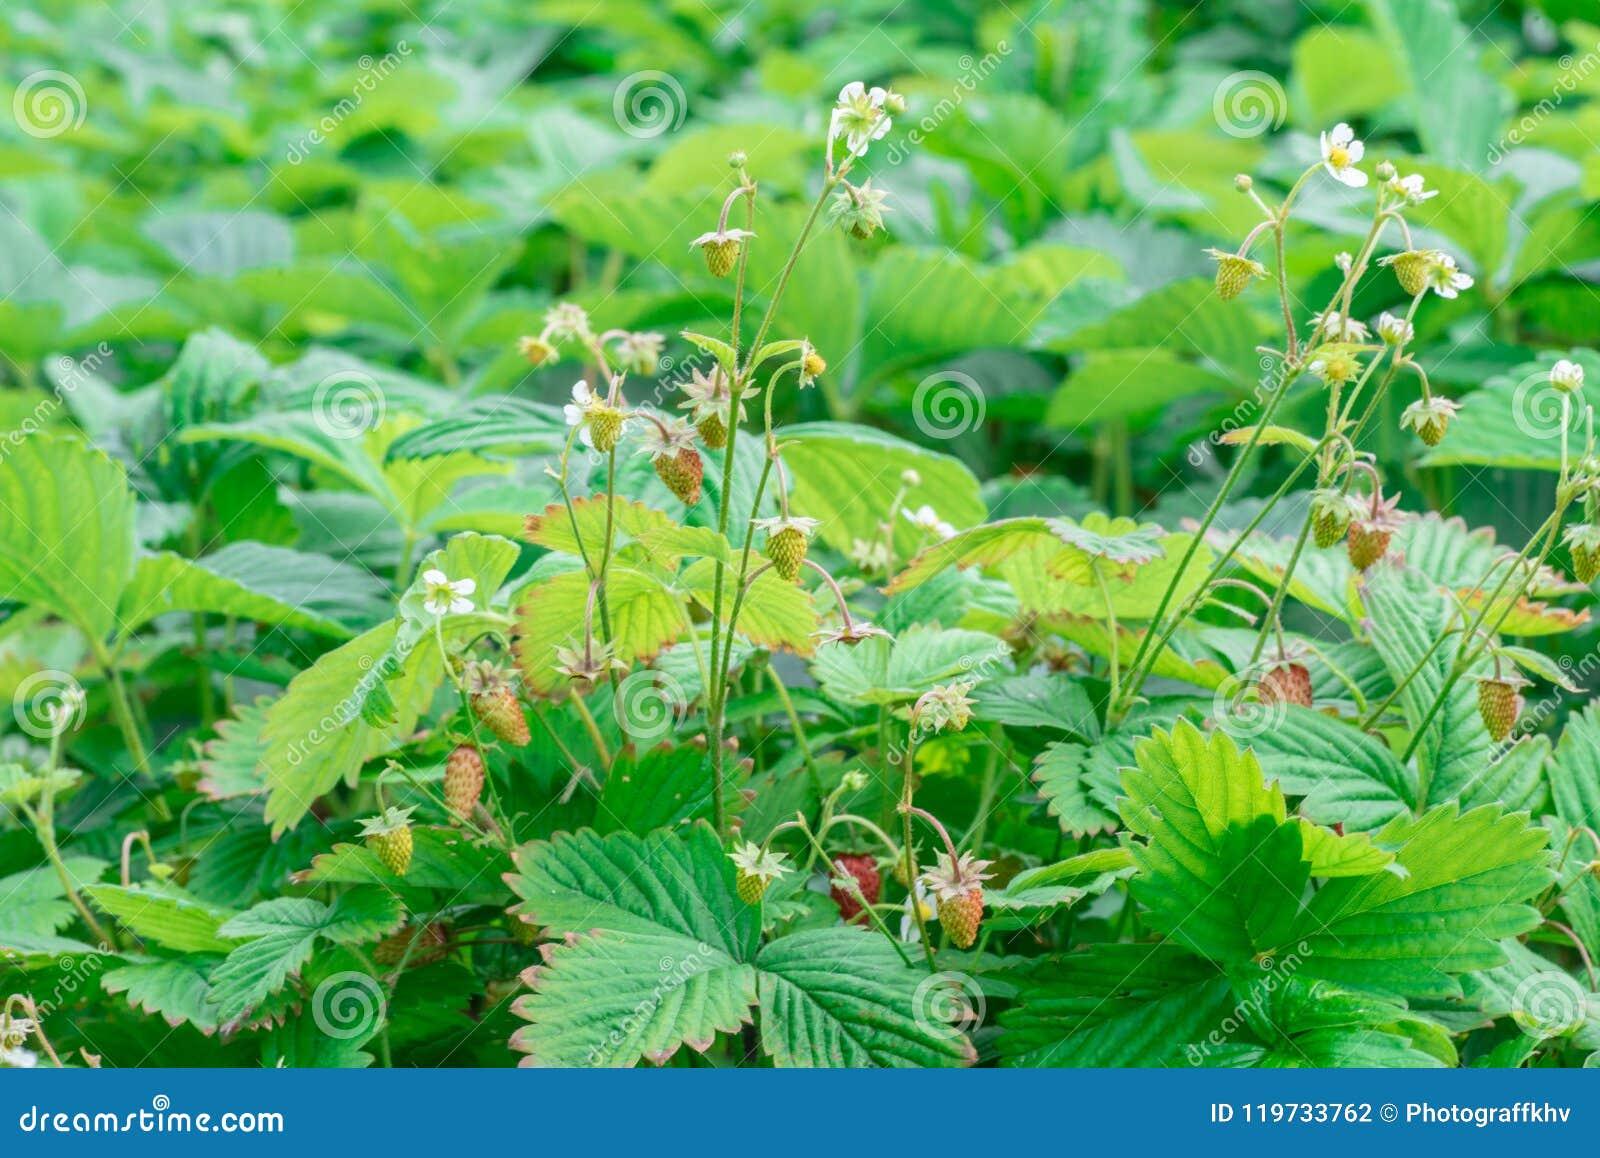 Клубники будучи расти коммерчески на оросительной системе столешницы